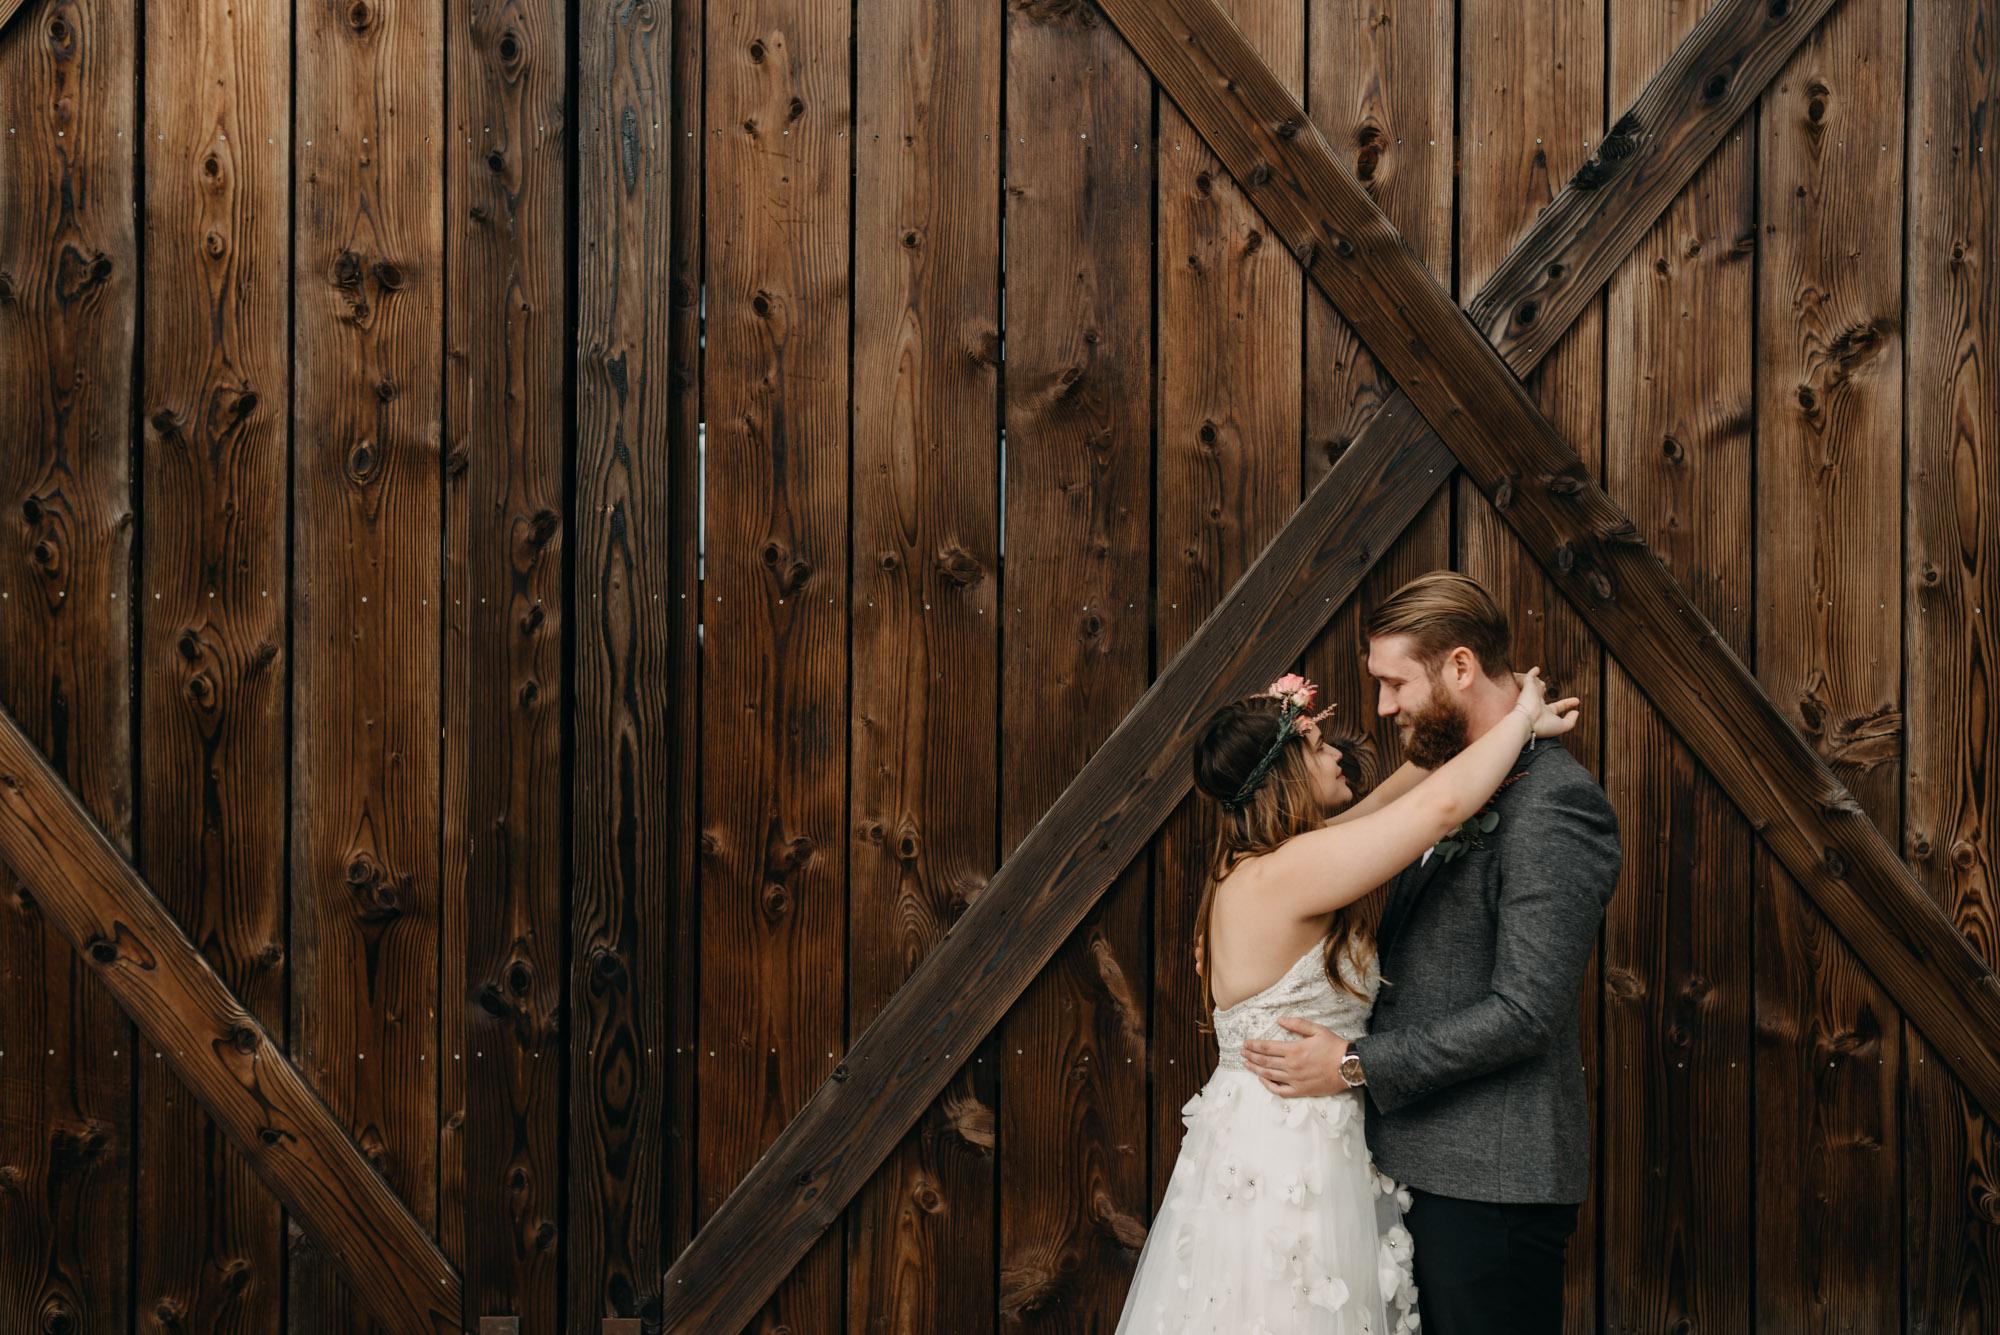 Outdoor-First-Look-Washington-Wedding-Barn-Door-8087.jpg